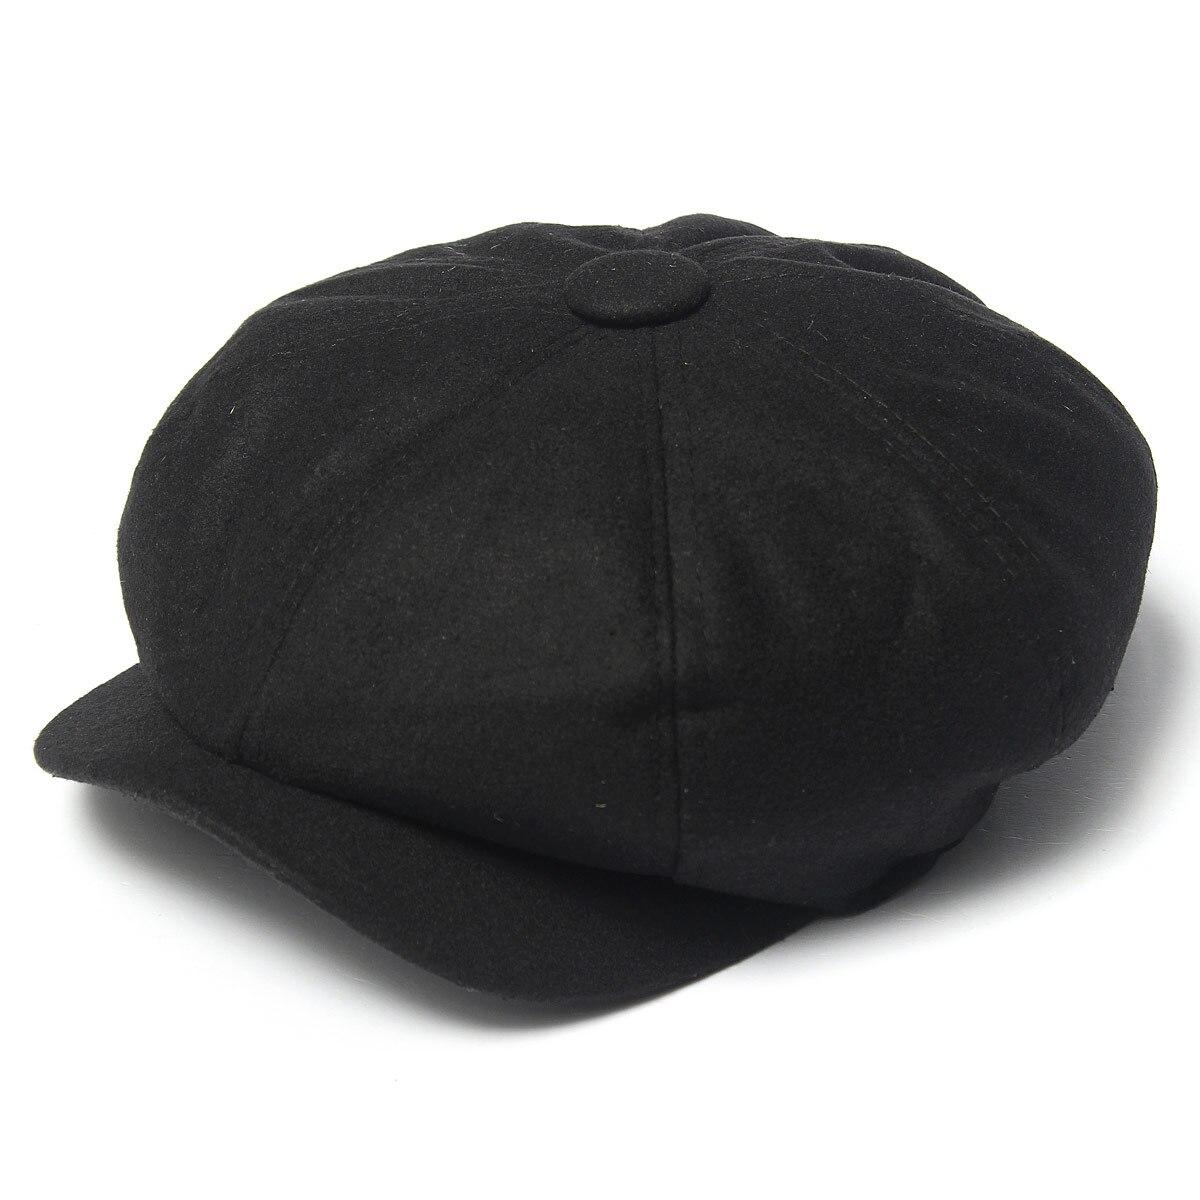 Detalle Comentarios Preguntas sobre Gorros octogonales de Tweed para hombre  gorra negra de Gatsby 5ce26f09618